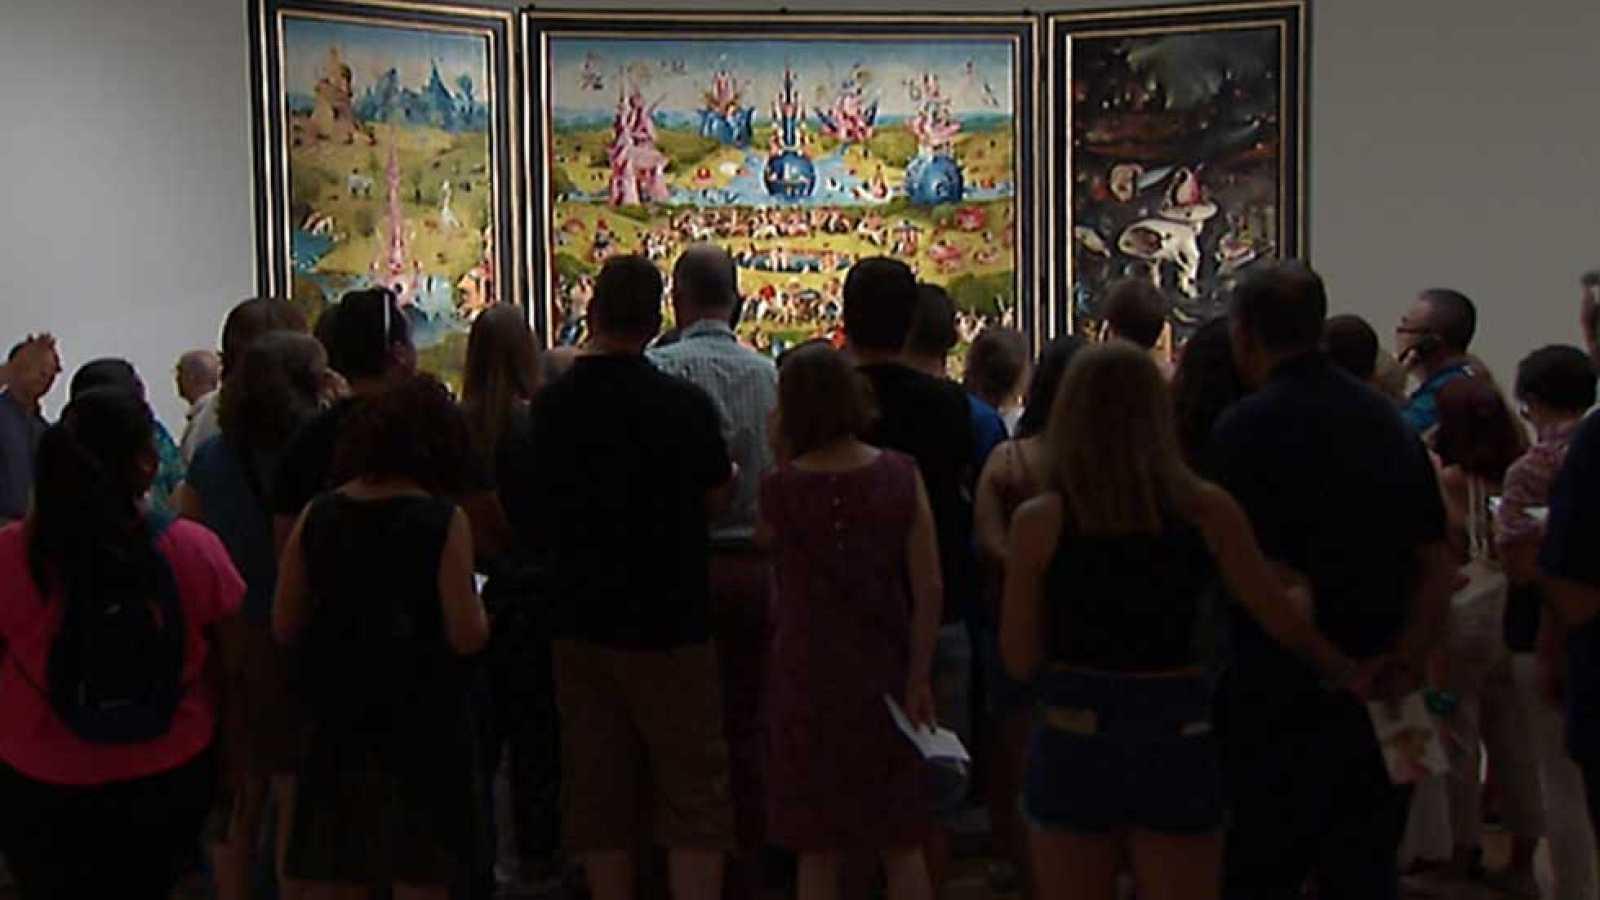 Más de 300.000 personas han visitado ya la muestra de El Bosco en el Prado